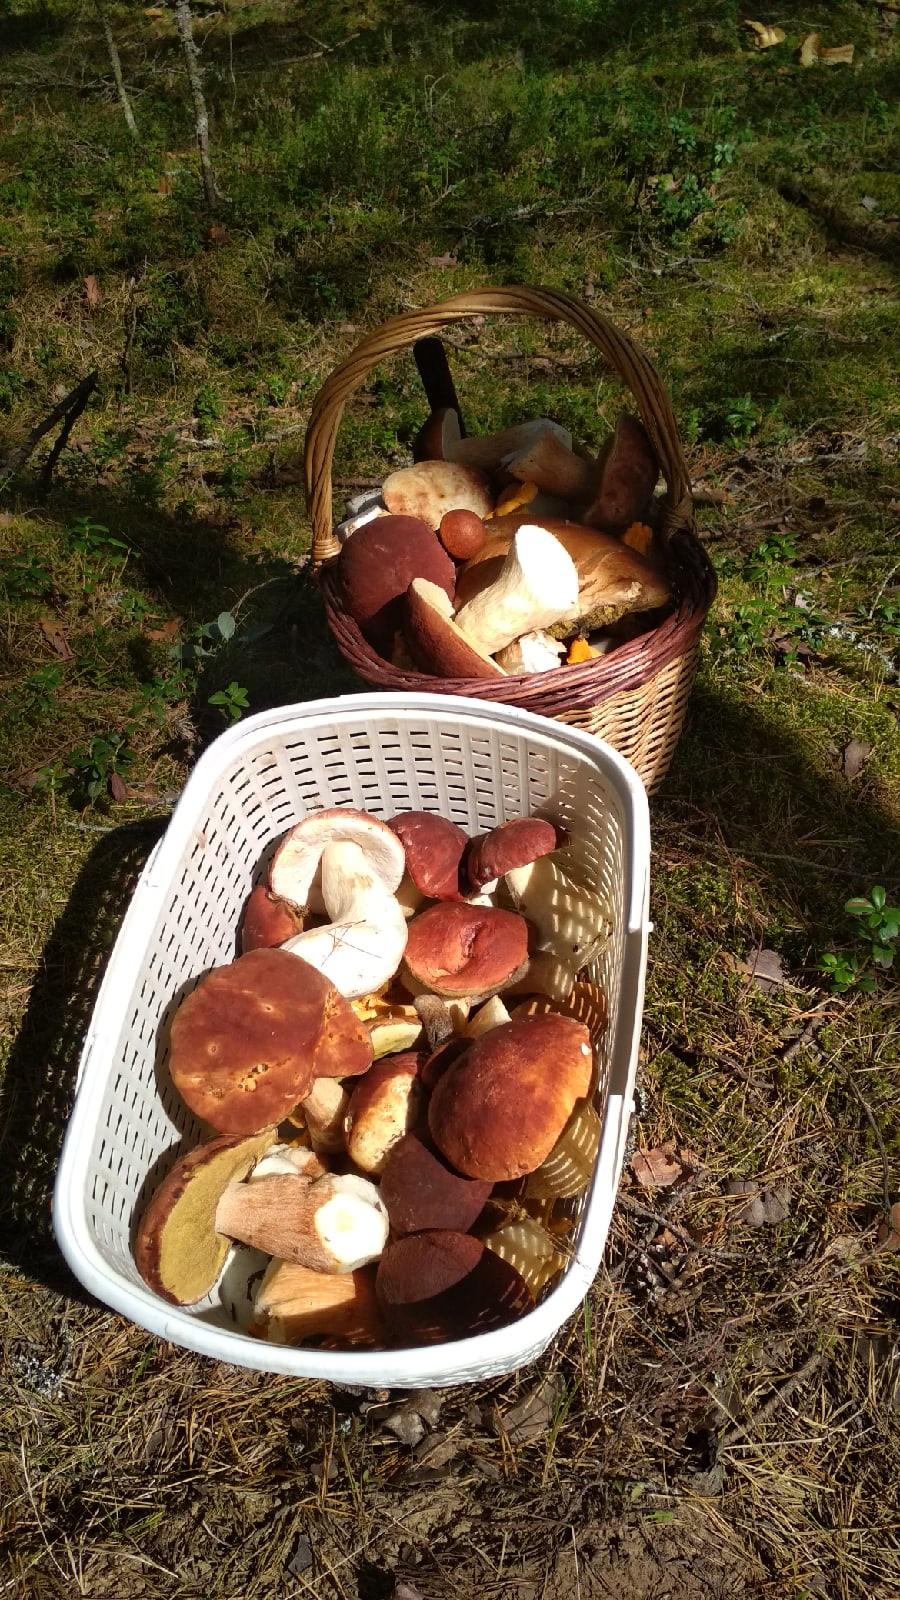 Грибы пошли: жители Тверской области выходят из леса с полными вёдрами